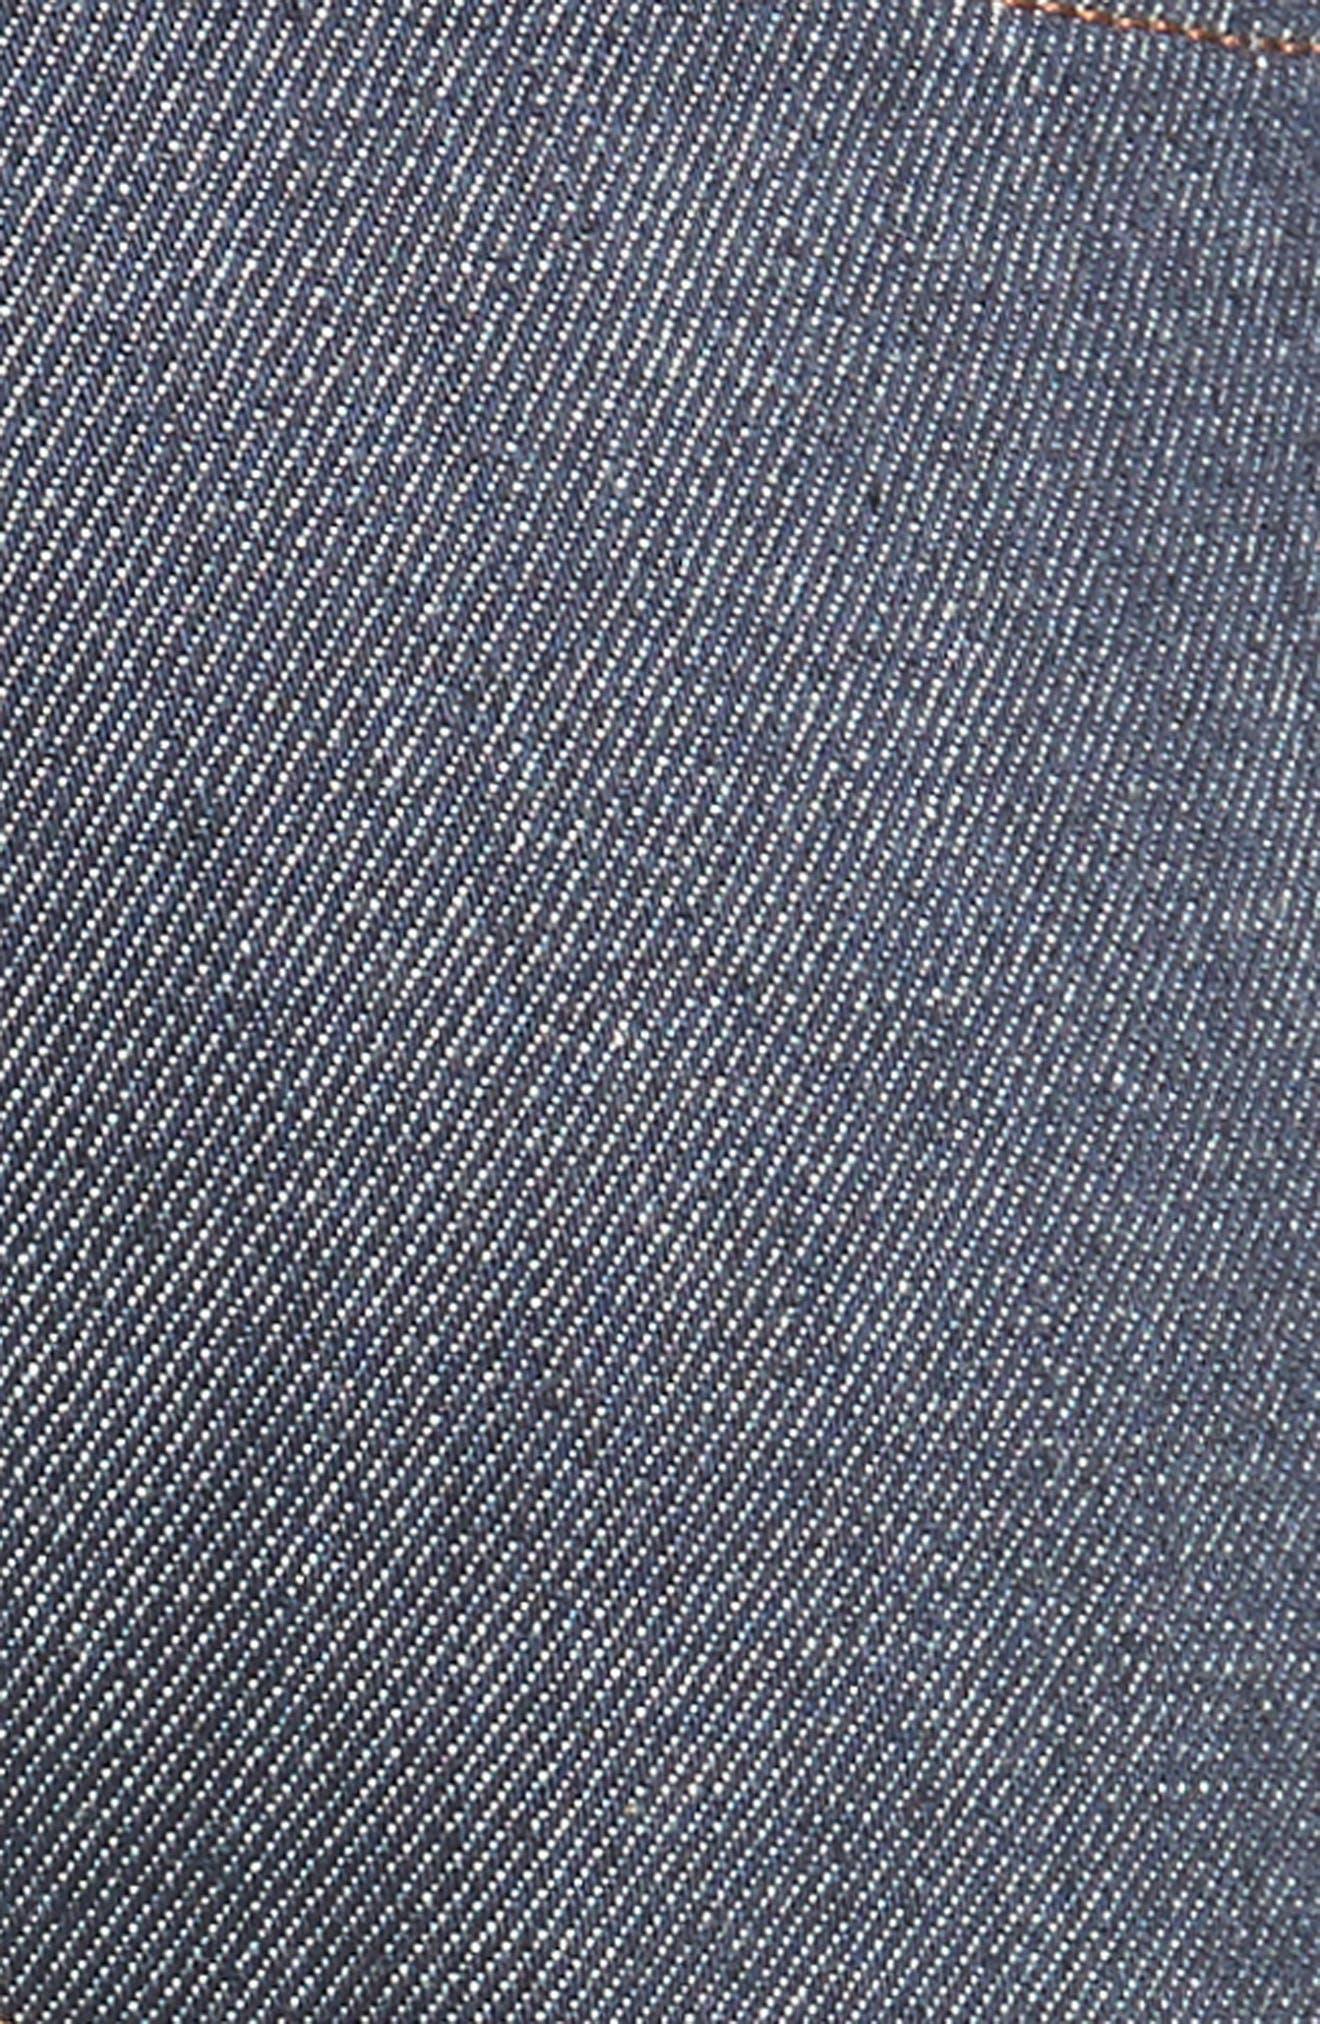 Alternate Image 5  - ACNE Studios River Slim Tapered Leg Jeans